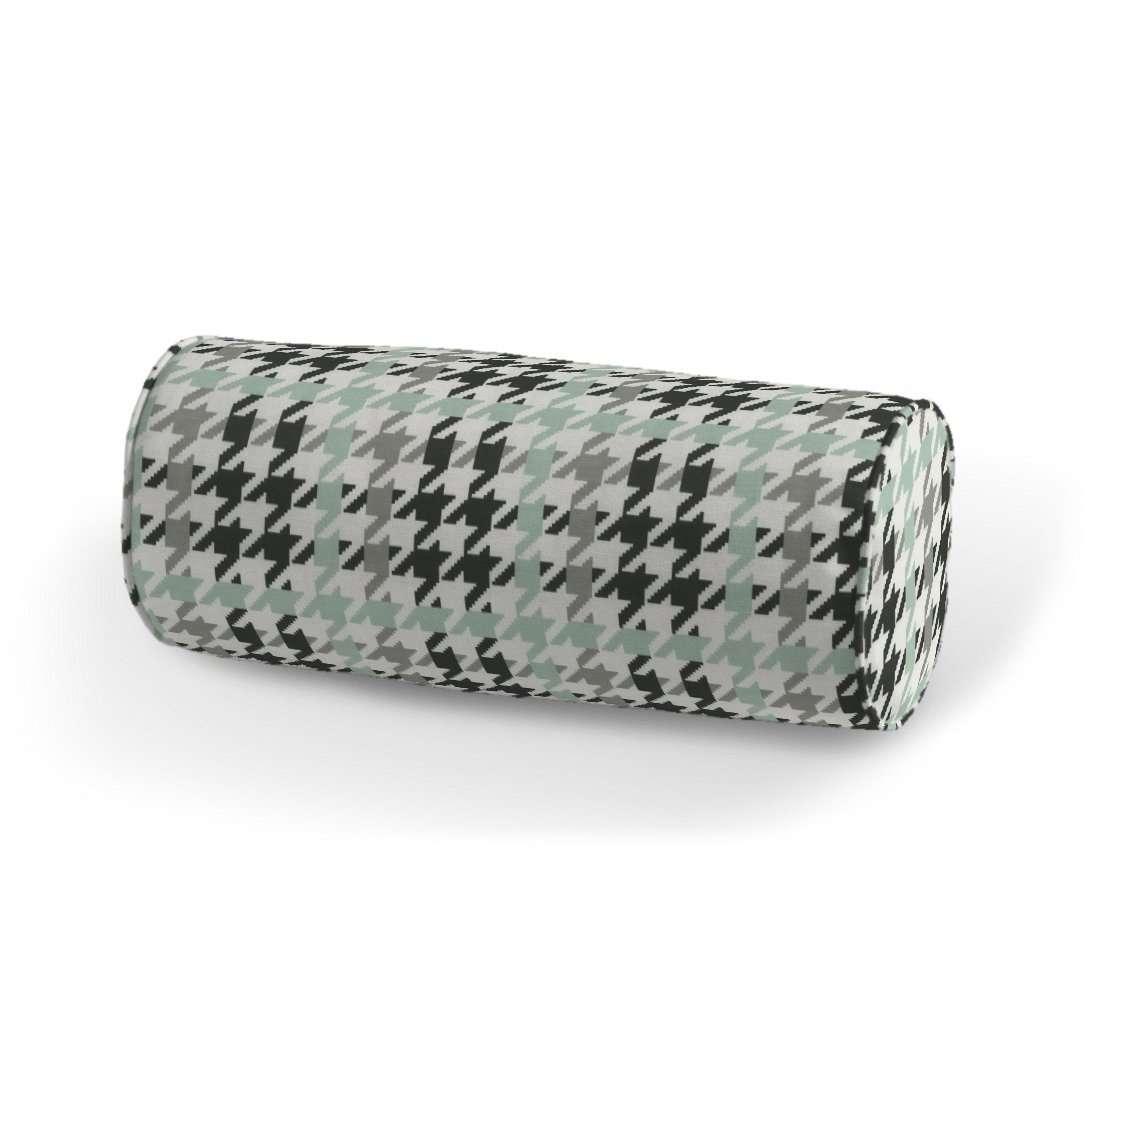 Poduszka wałek prosty Ø16x40cm w kolekcji Brooklyn, tkanina: 137-77